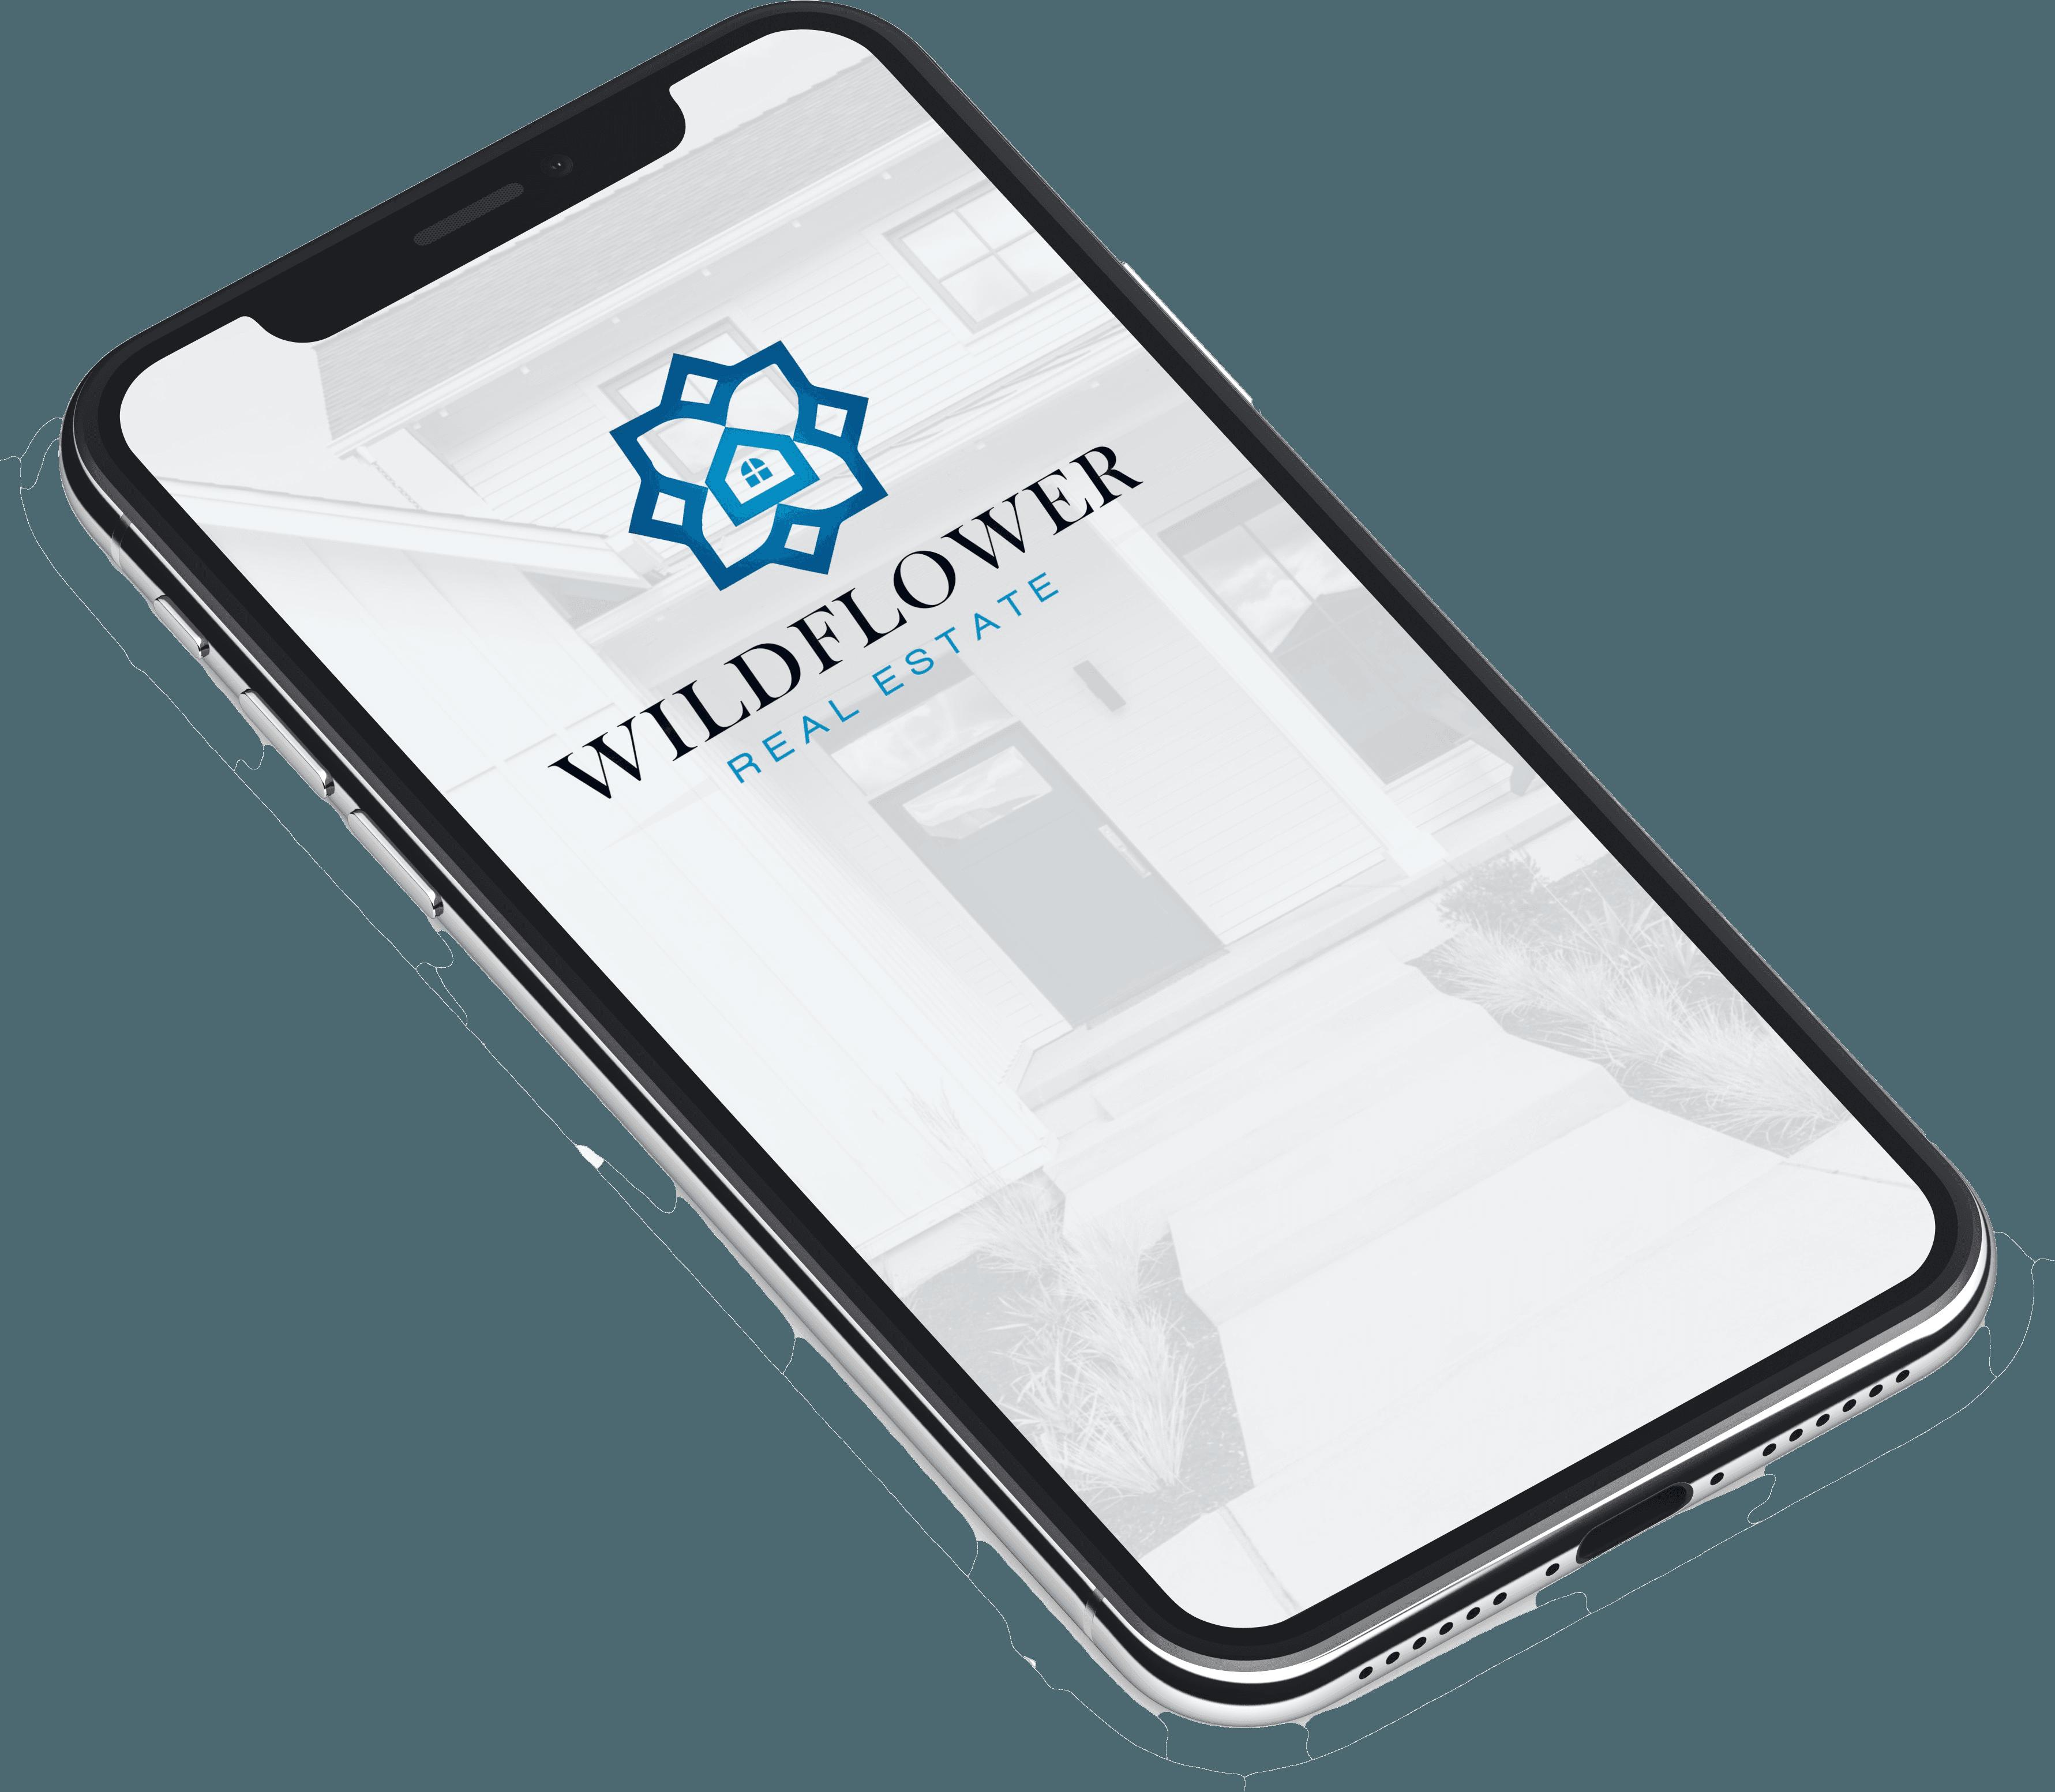 Wildflower Real Estate App